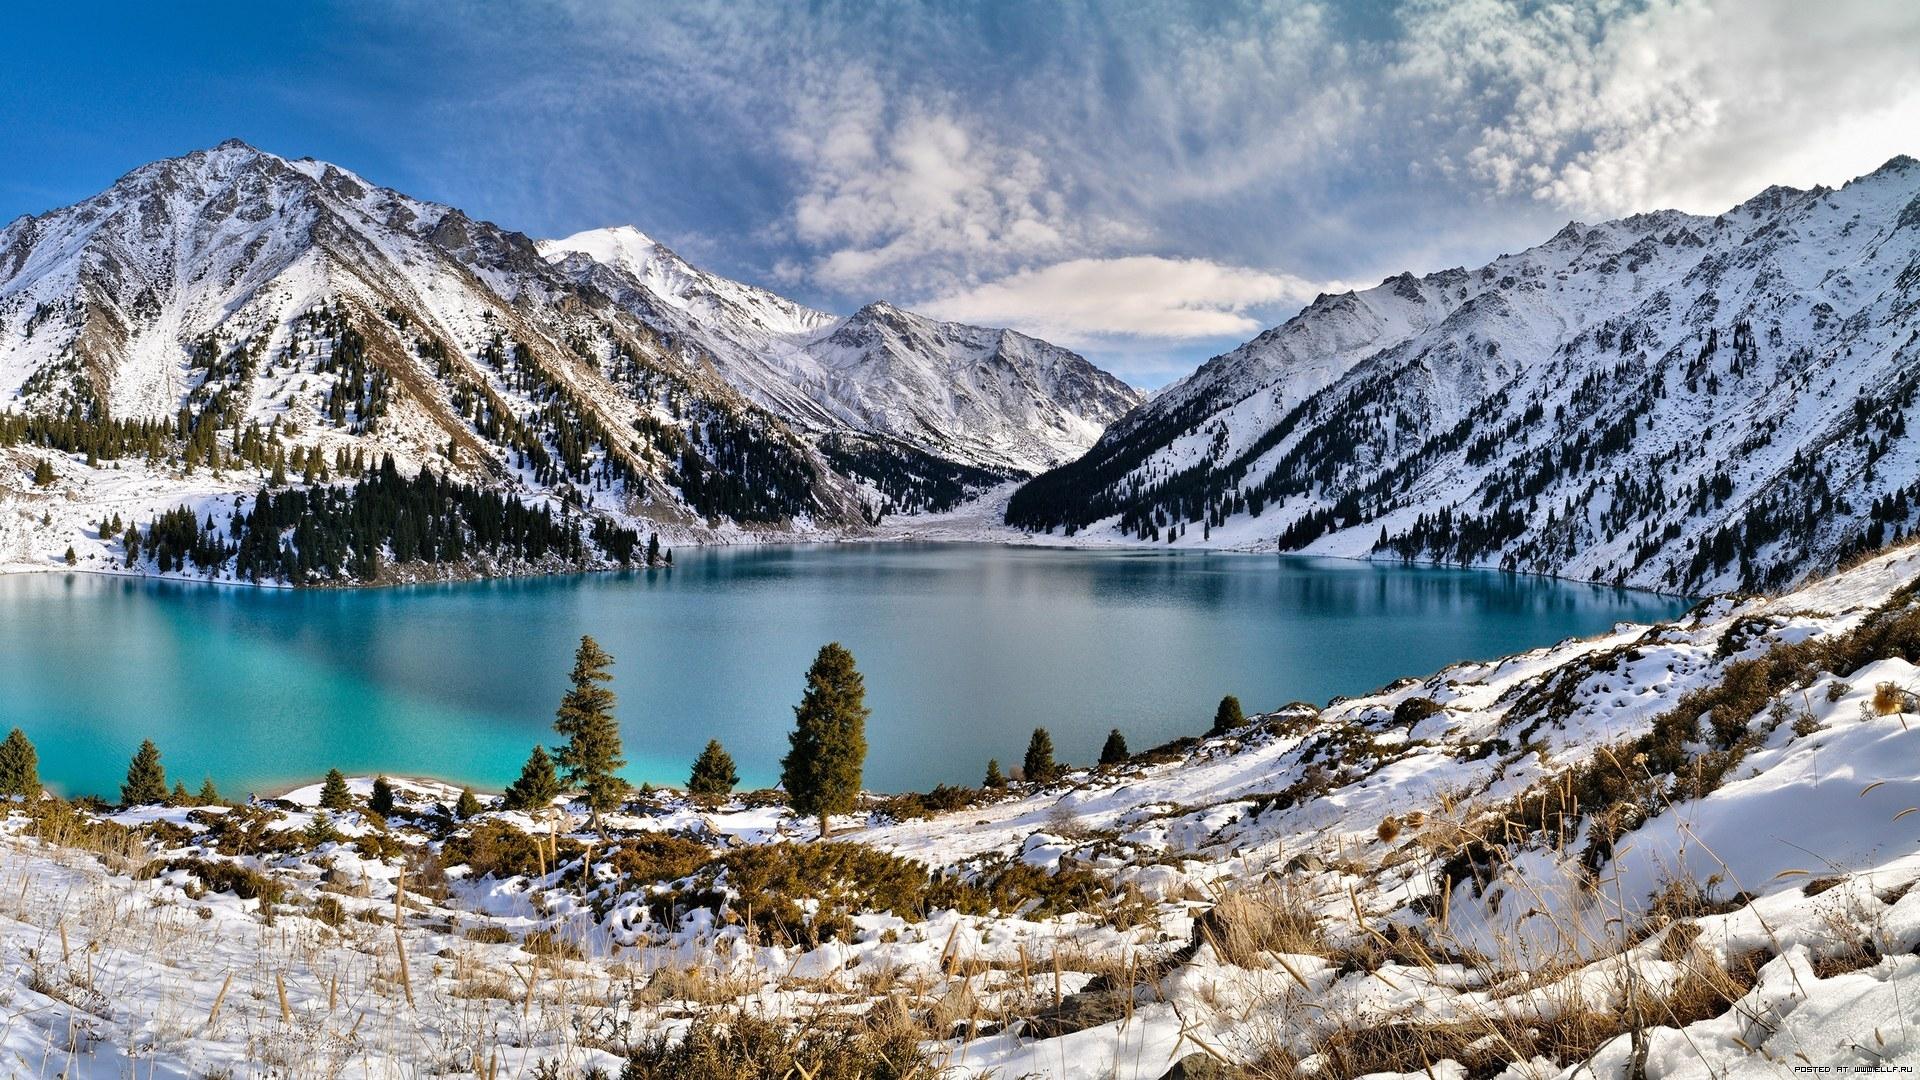 47739 Заставки и Обои Озера на телефон. Скачать Озера, Пейзаж, Природа, Горы картинки бесплатно